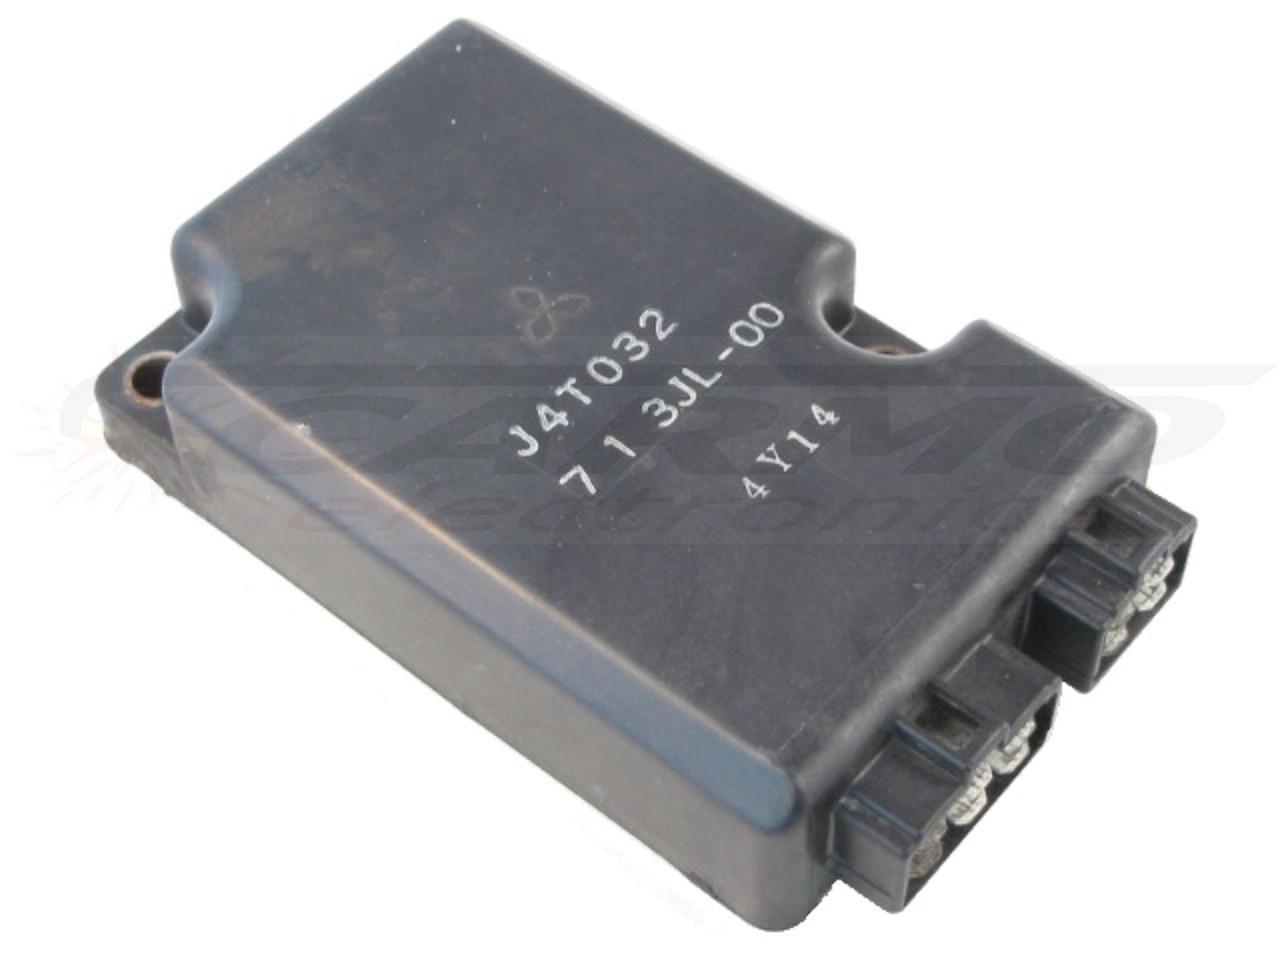 Yamaha XV750 Virago CDI TCI igniter (J4T032) [XV750 CDI